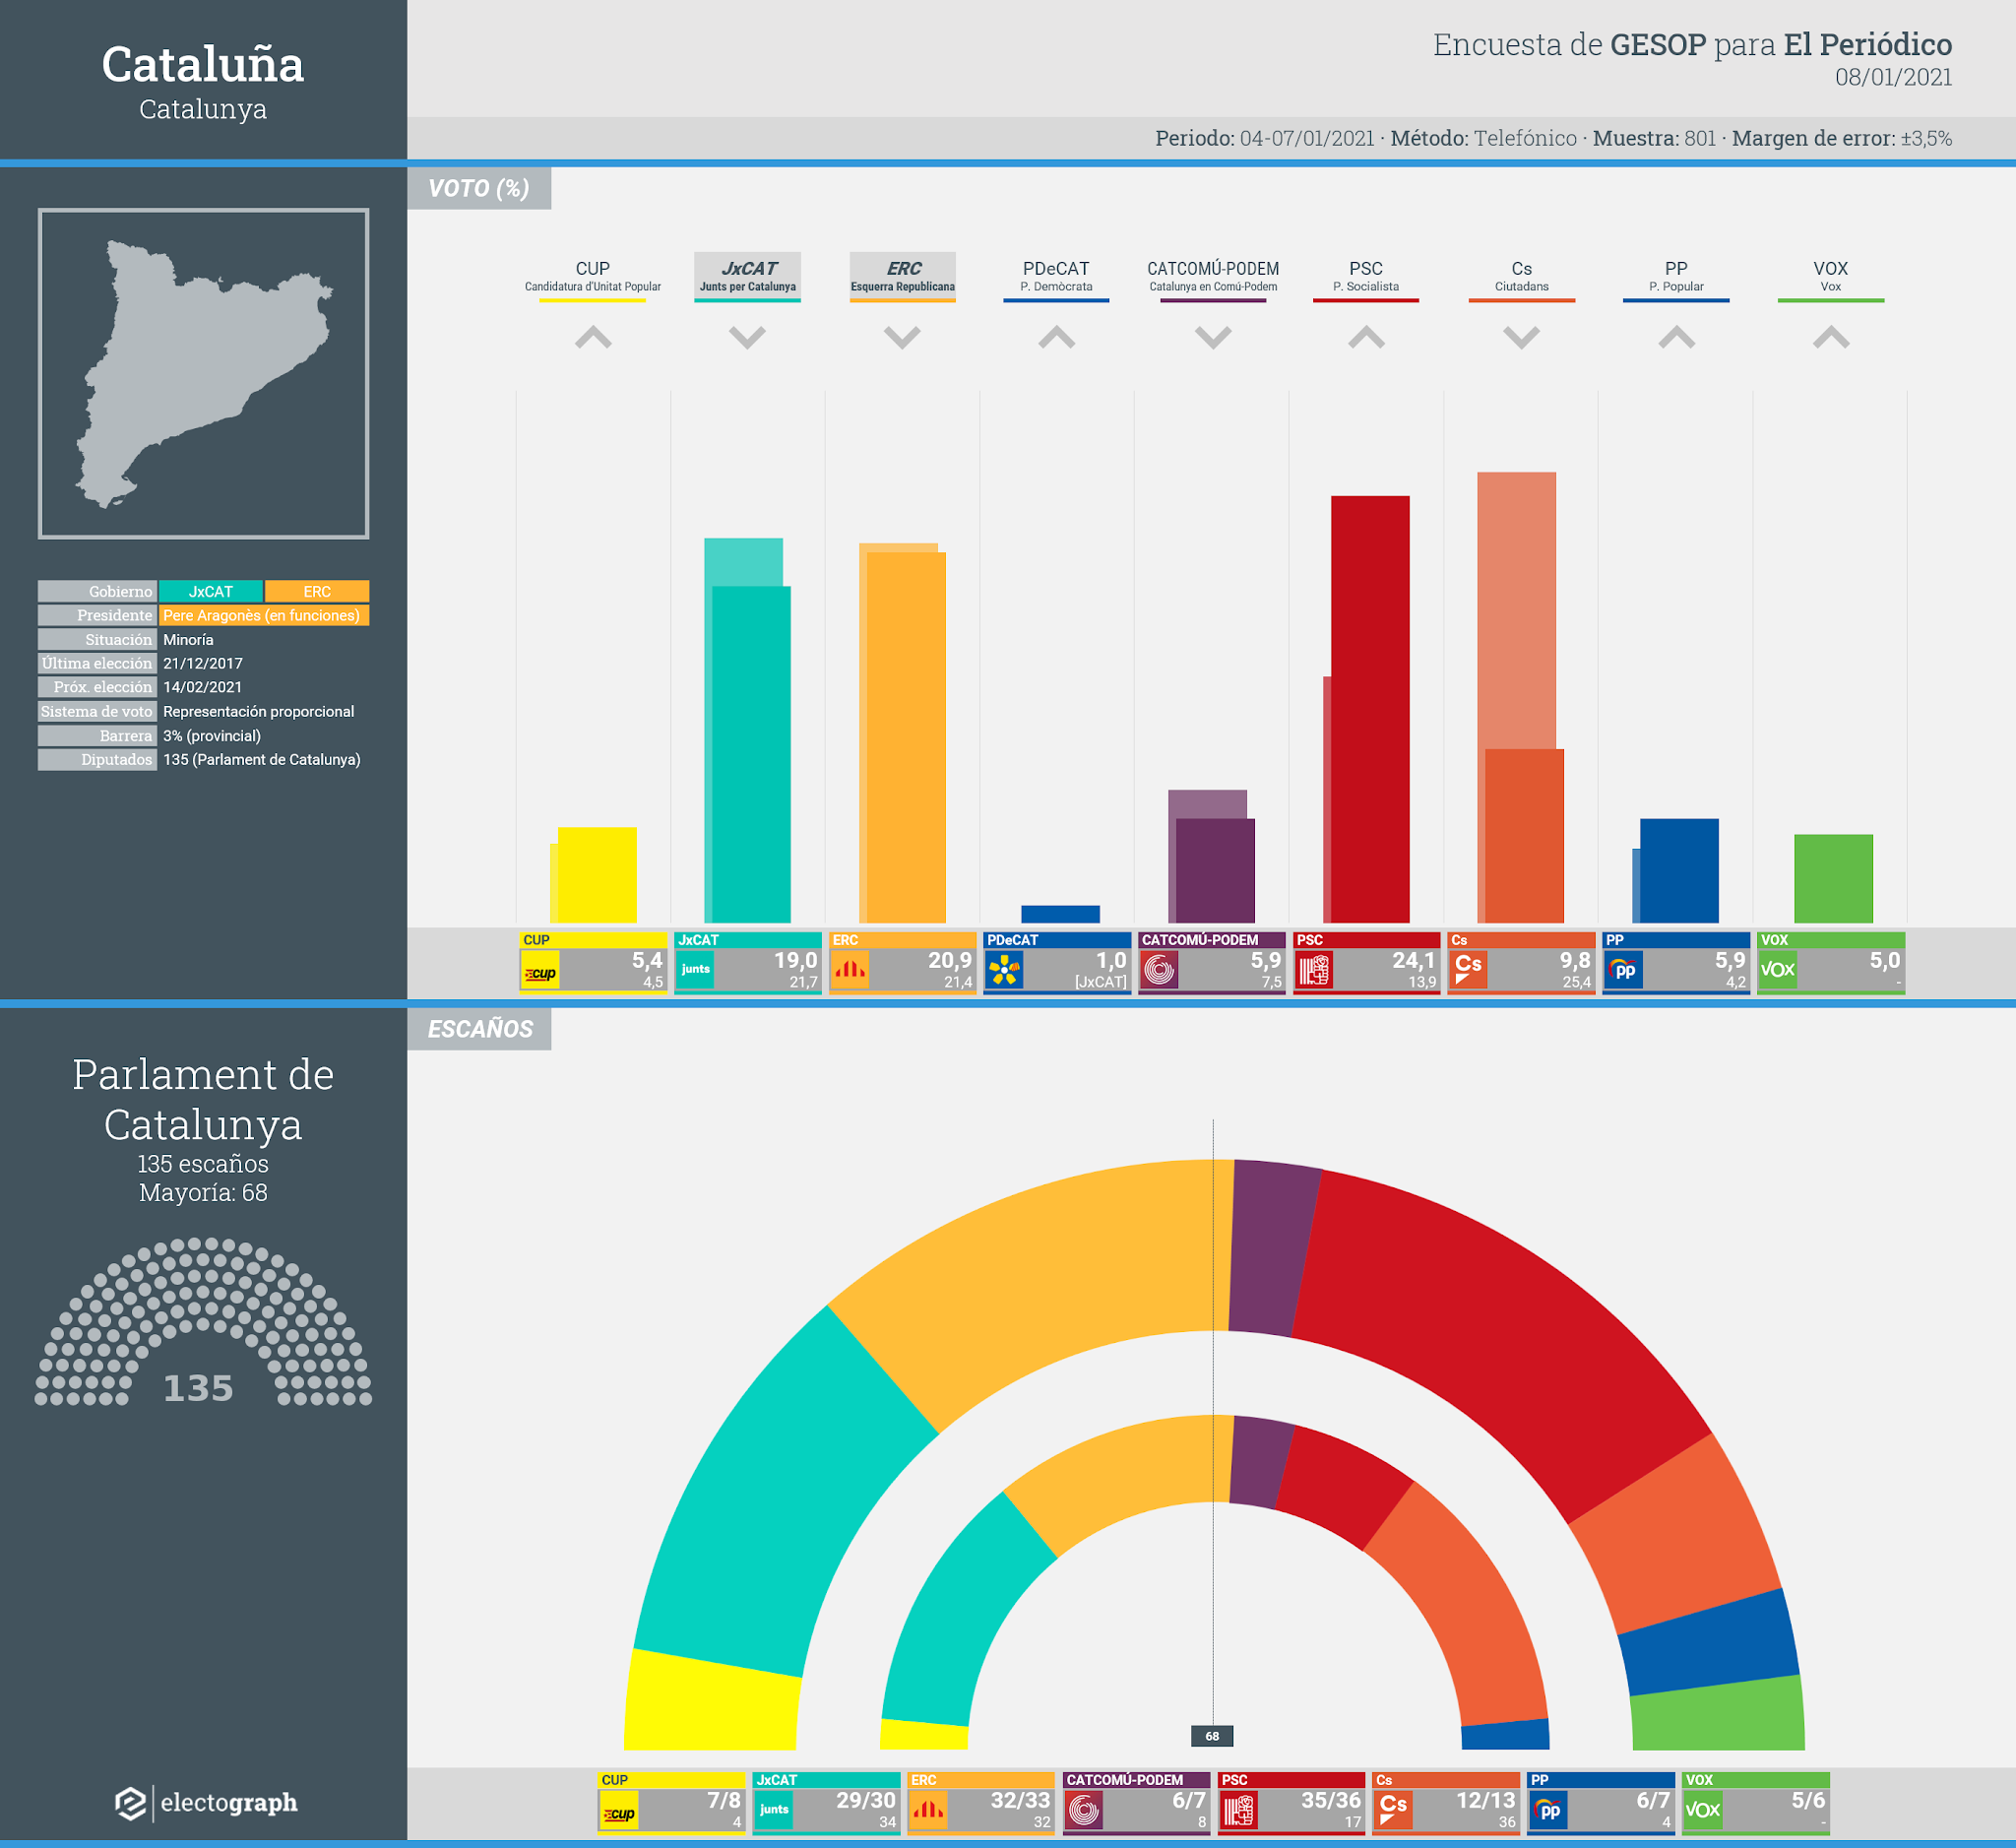 Gráfico de la encuesta para elecciones autonómicas en Cataluña realizada por GESOP para El Periódico, 8 de enero de 2021